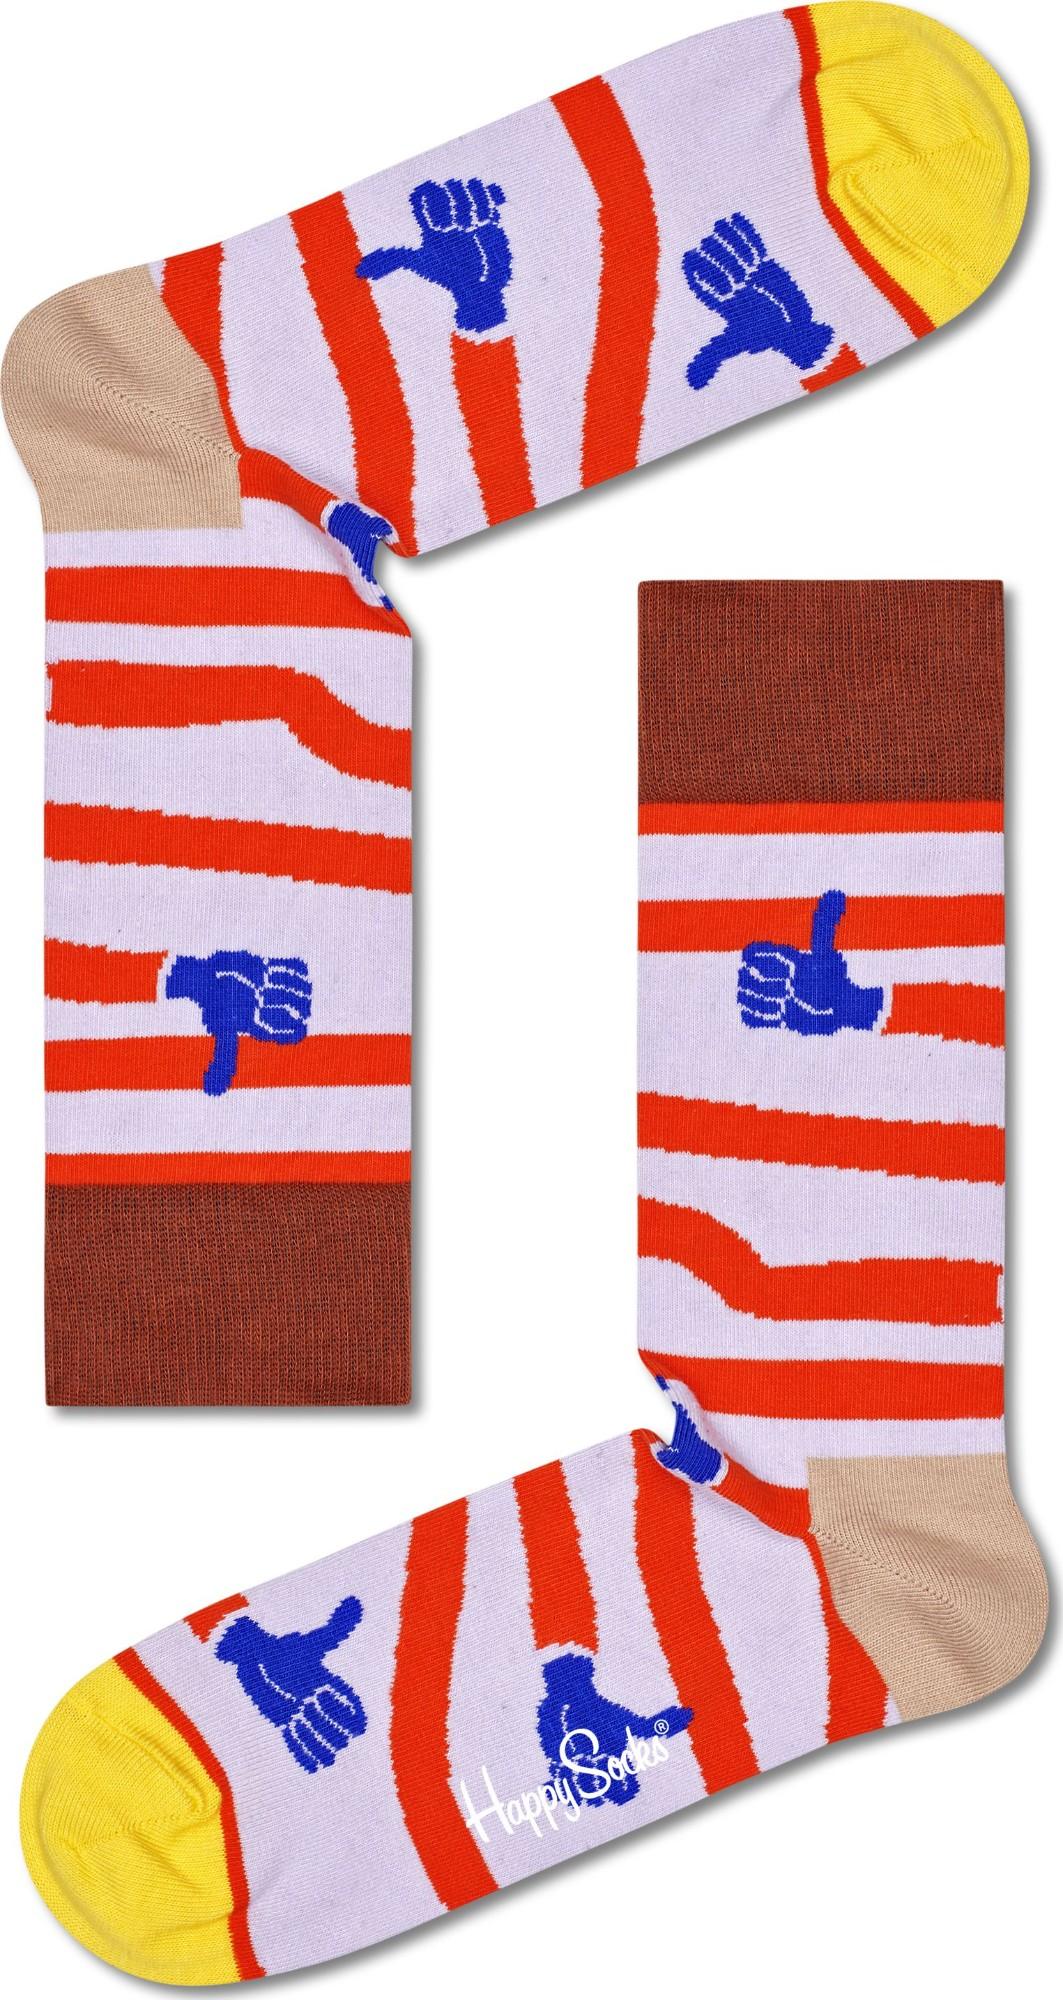 Happy Socks Yaaay Multi 5000 41-46